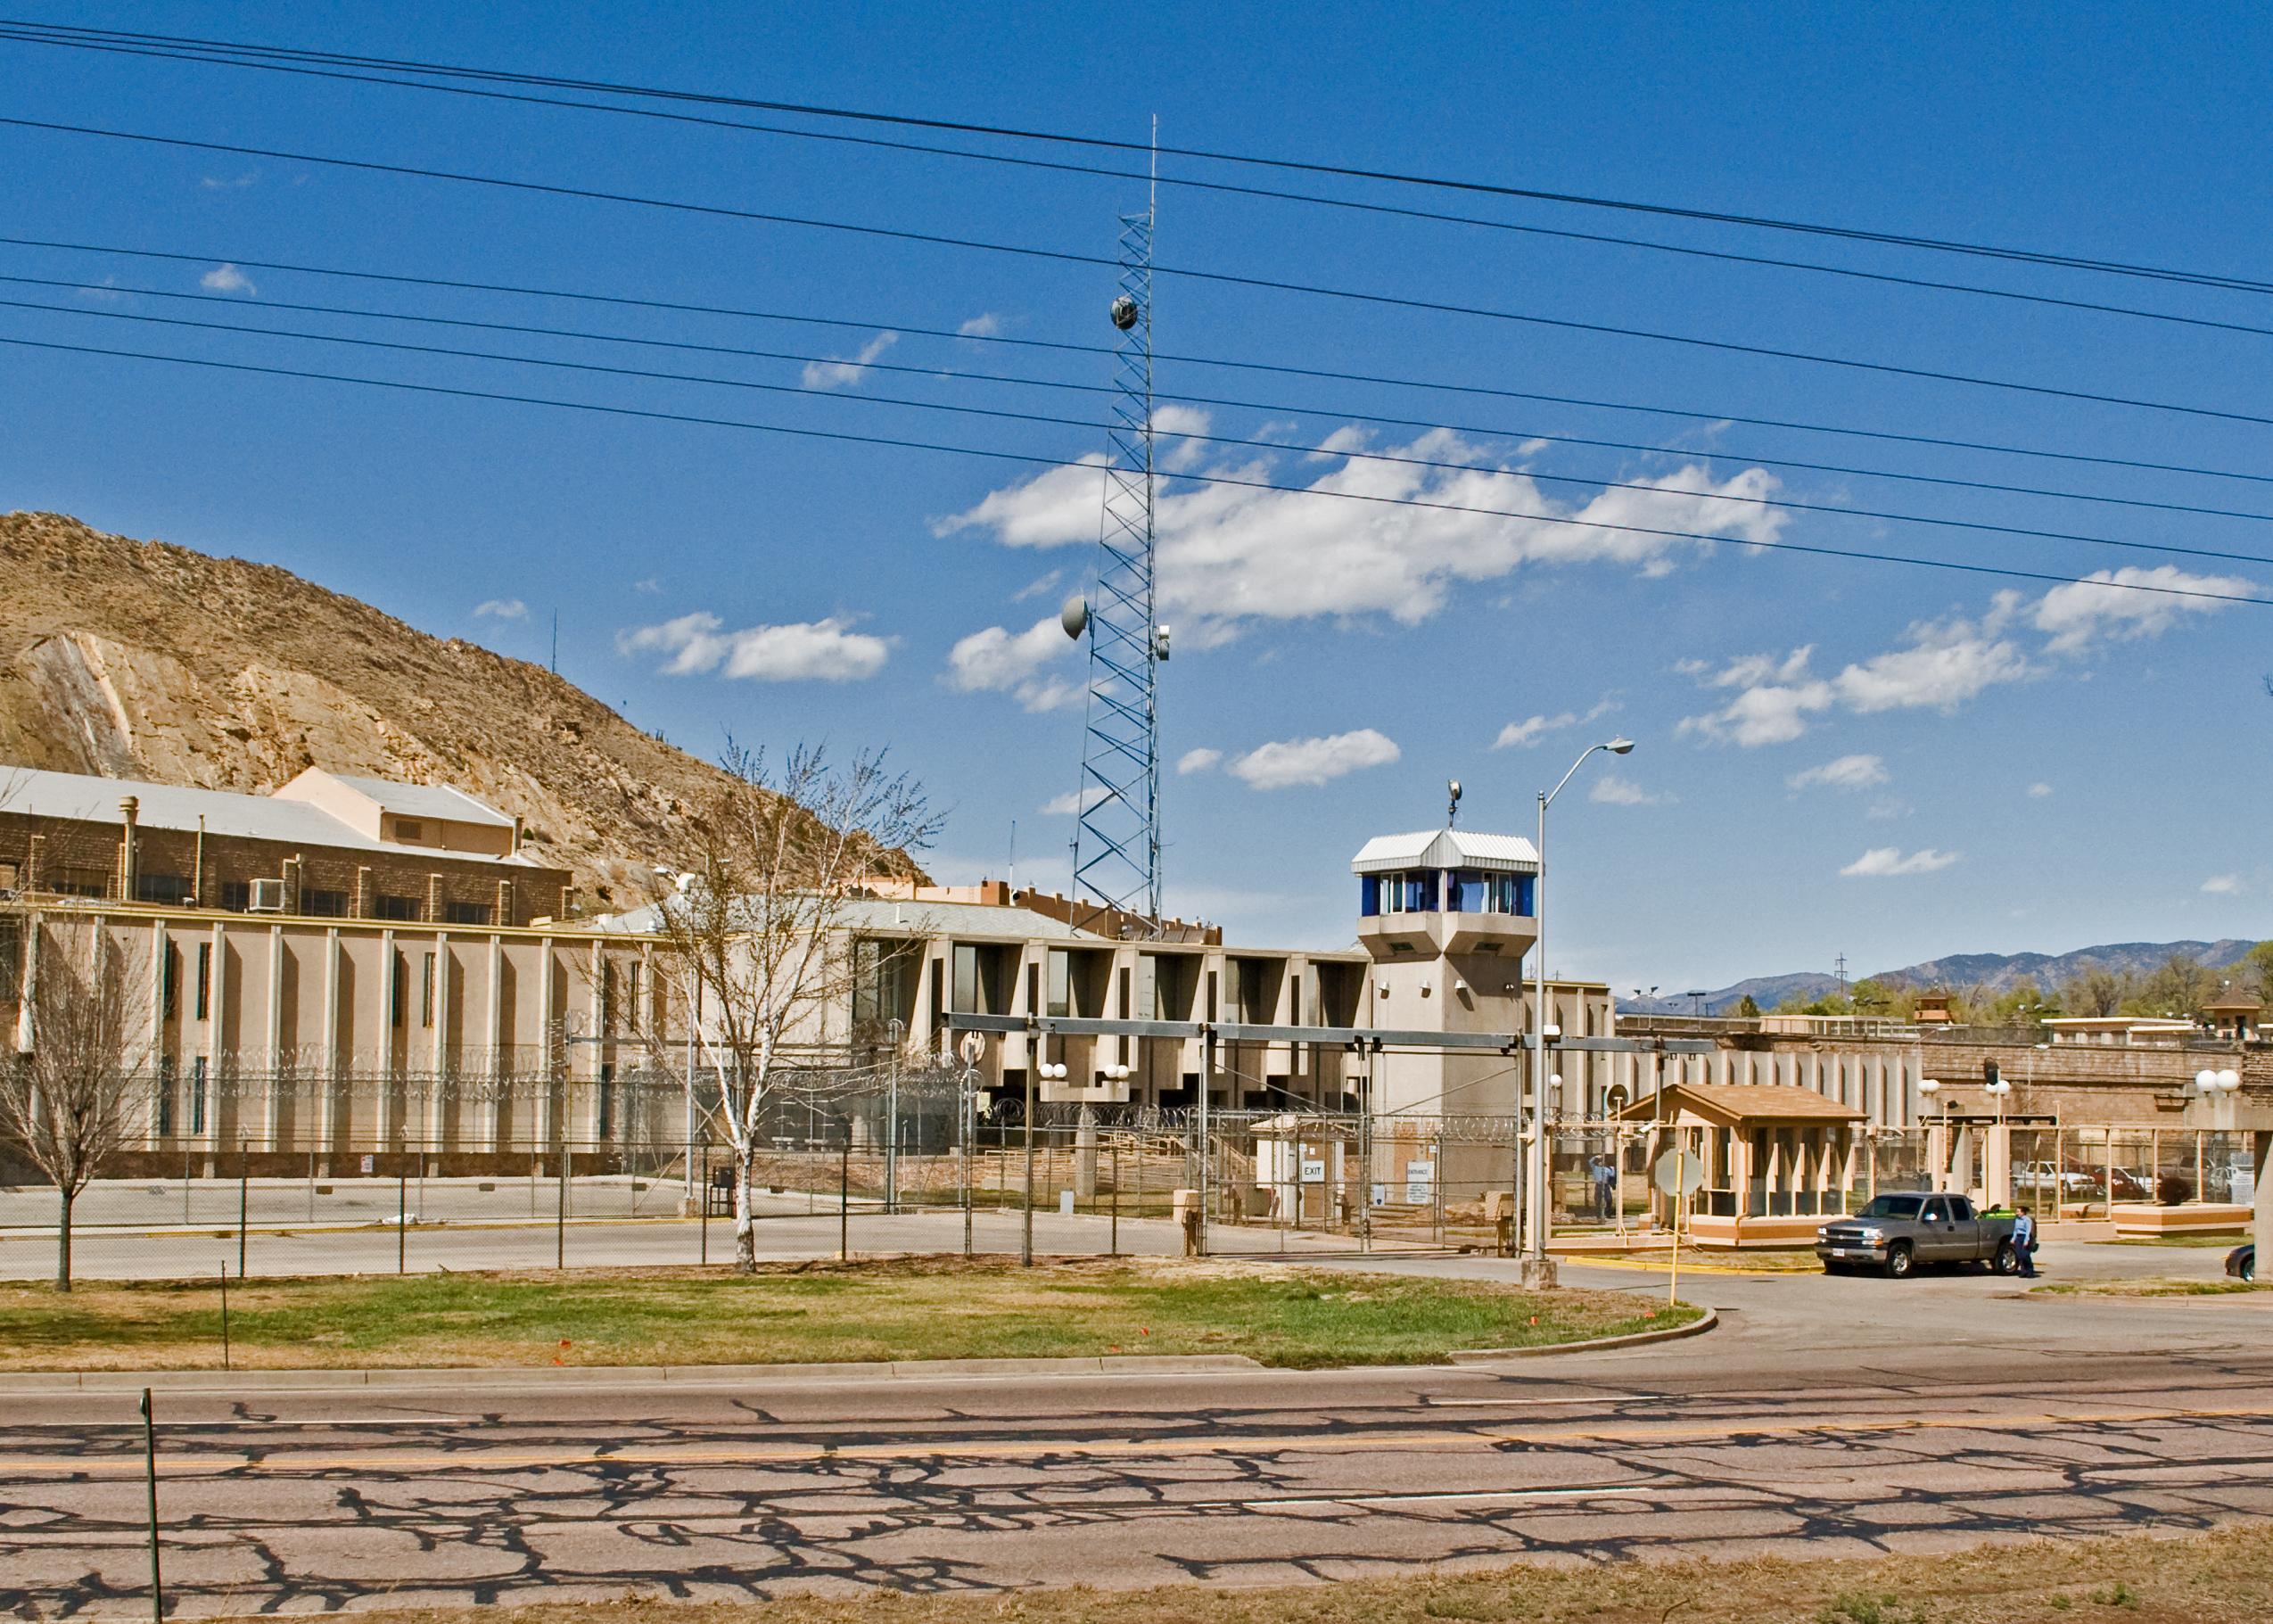 Ca 241 On City Colorado Territorial Prison Flickr Photo